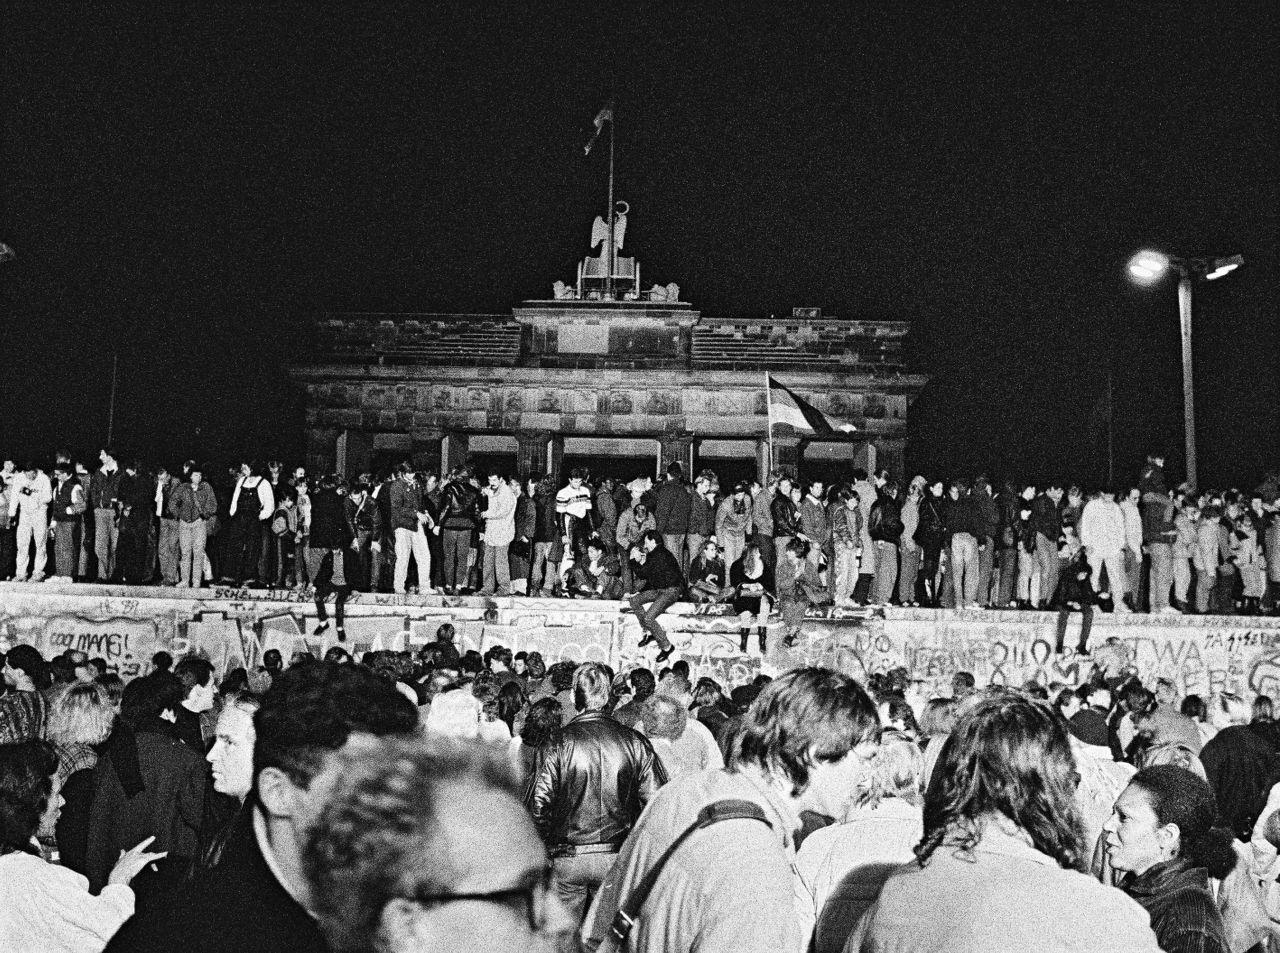 Foto von feiernden Menschen auf und vor der Berliner Mauer bei Nacht. Zentral im Bild ist das Brandenburger Tor hinter der Mauer zu sehen.